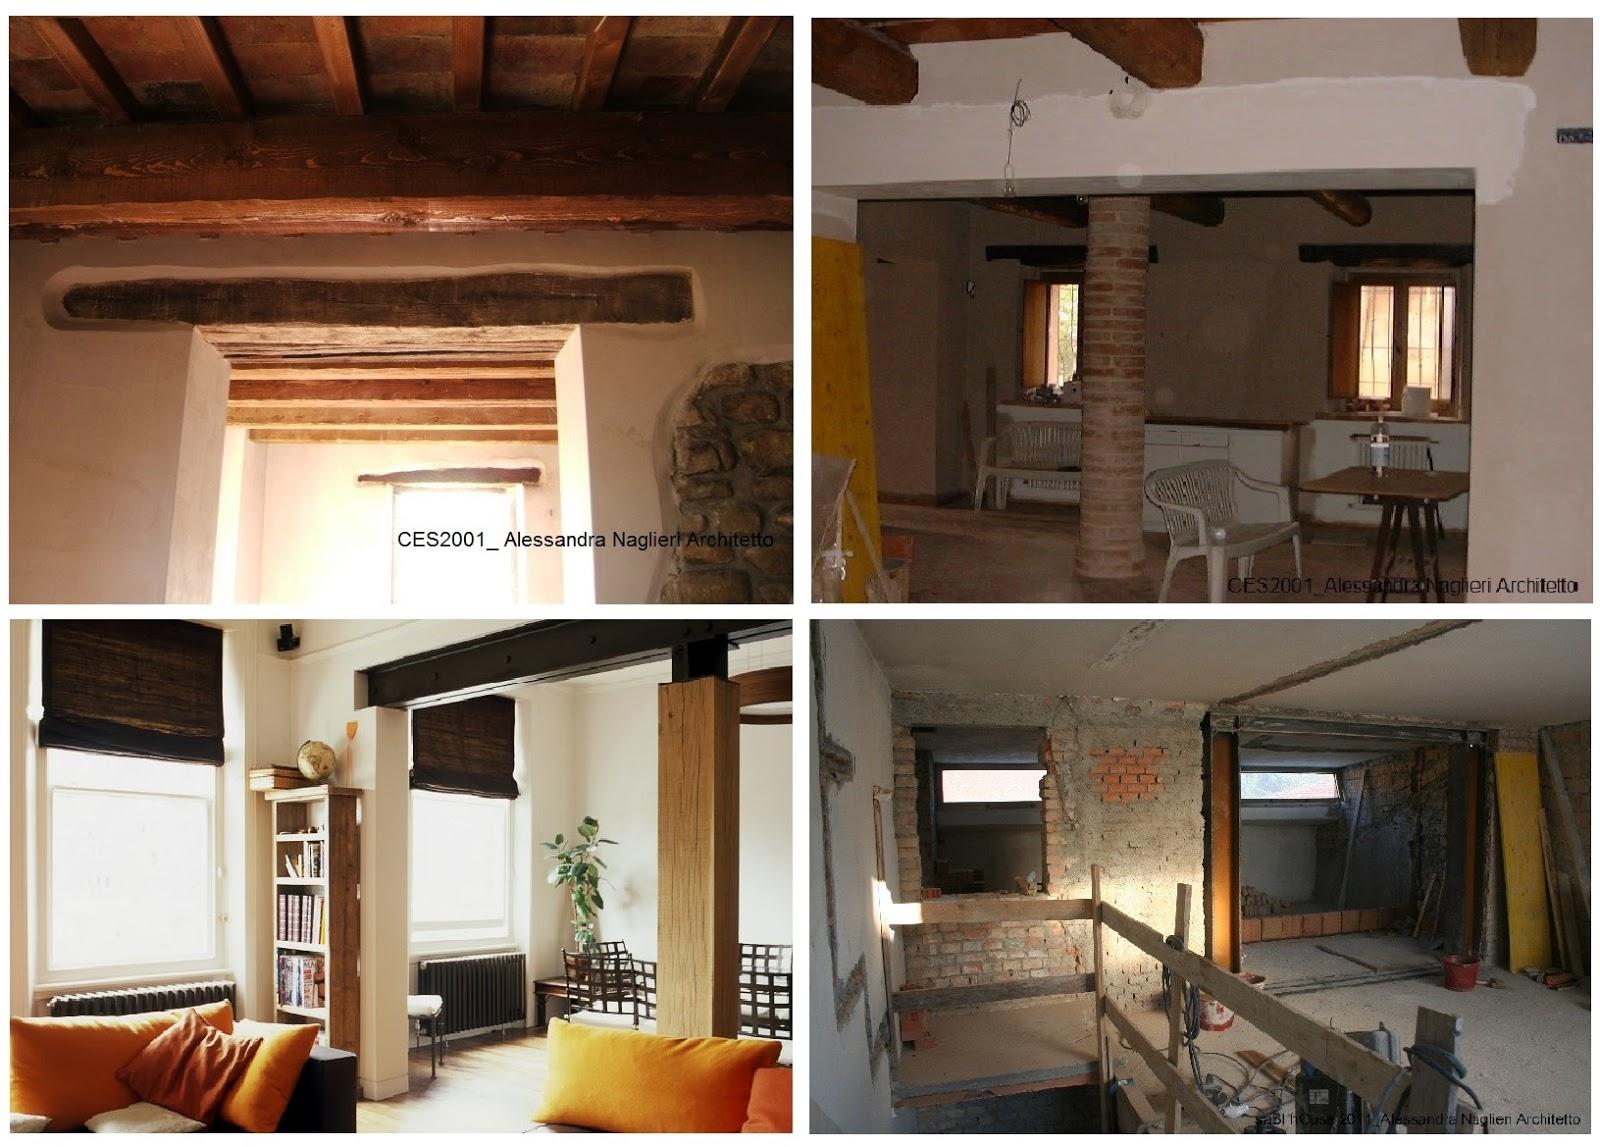 Sabi house portale in acciaio nella muratura portante - Casa in muratura portante ...